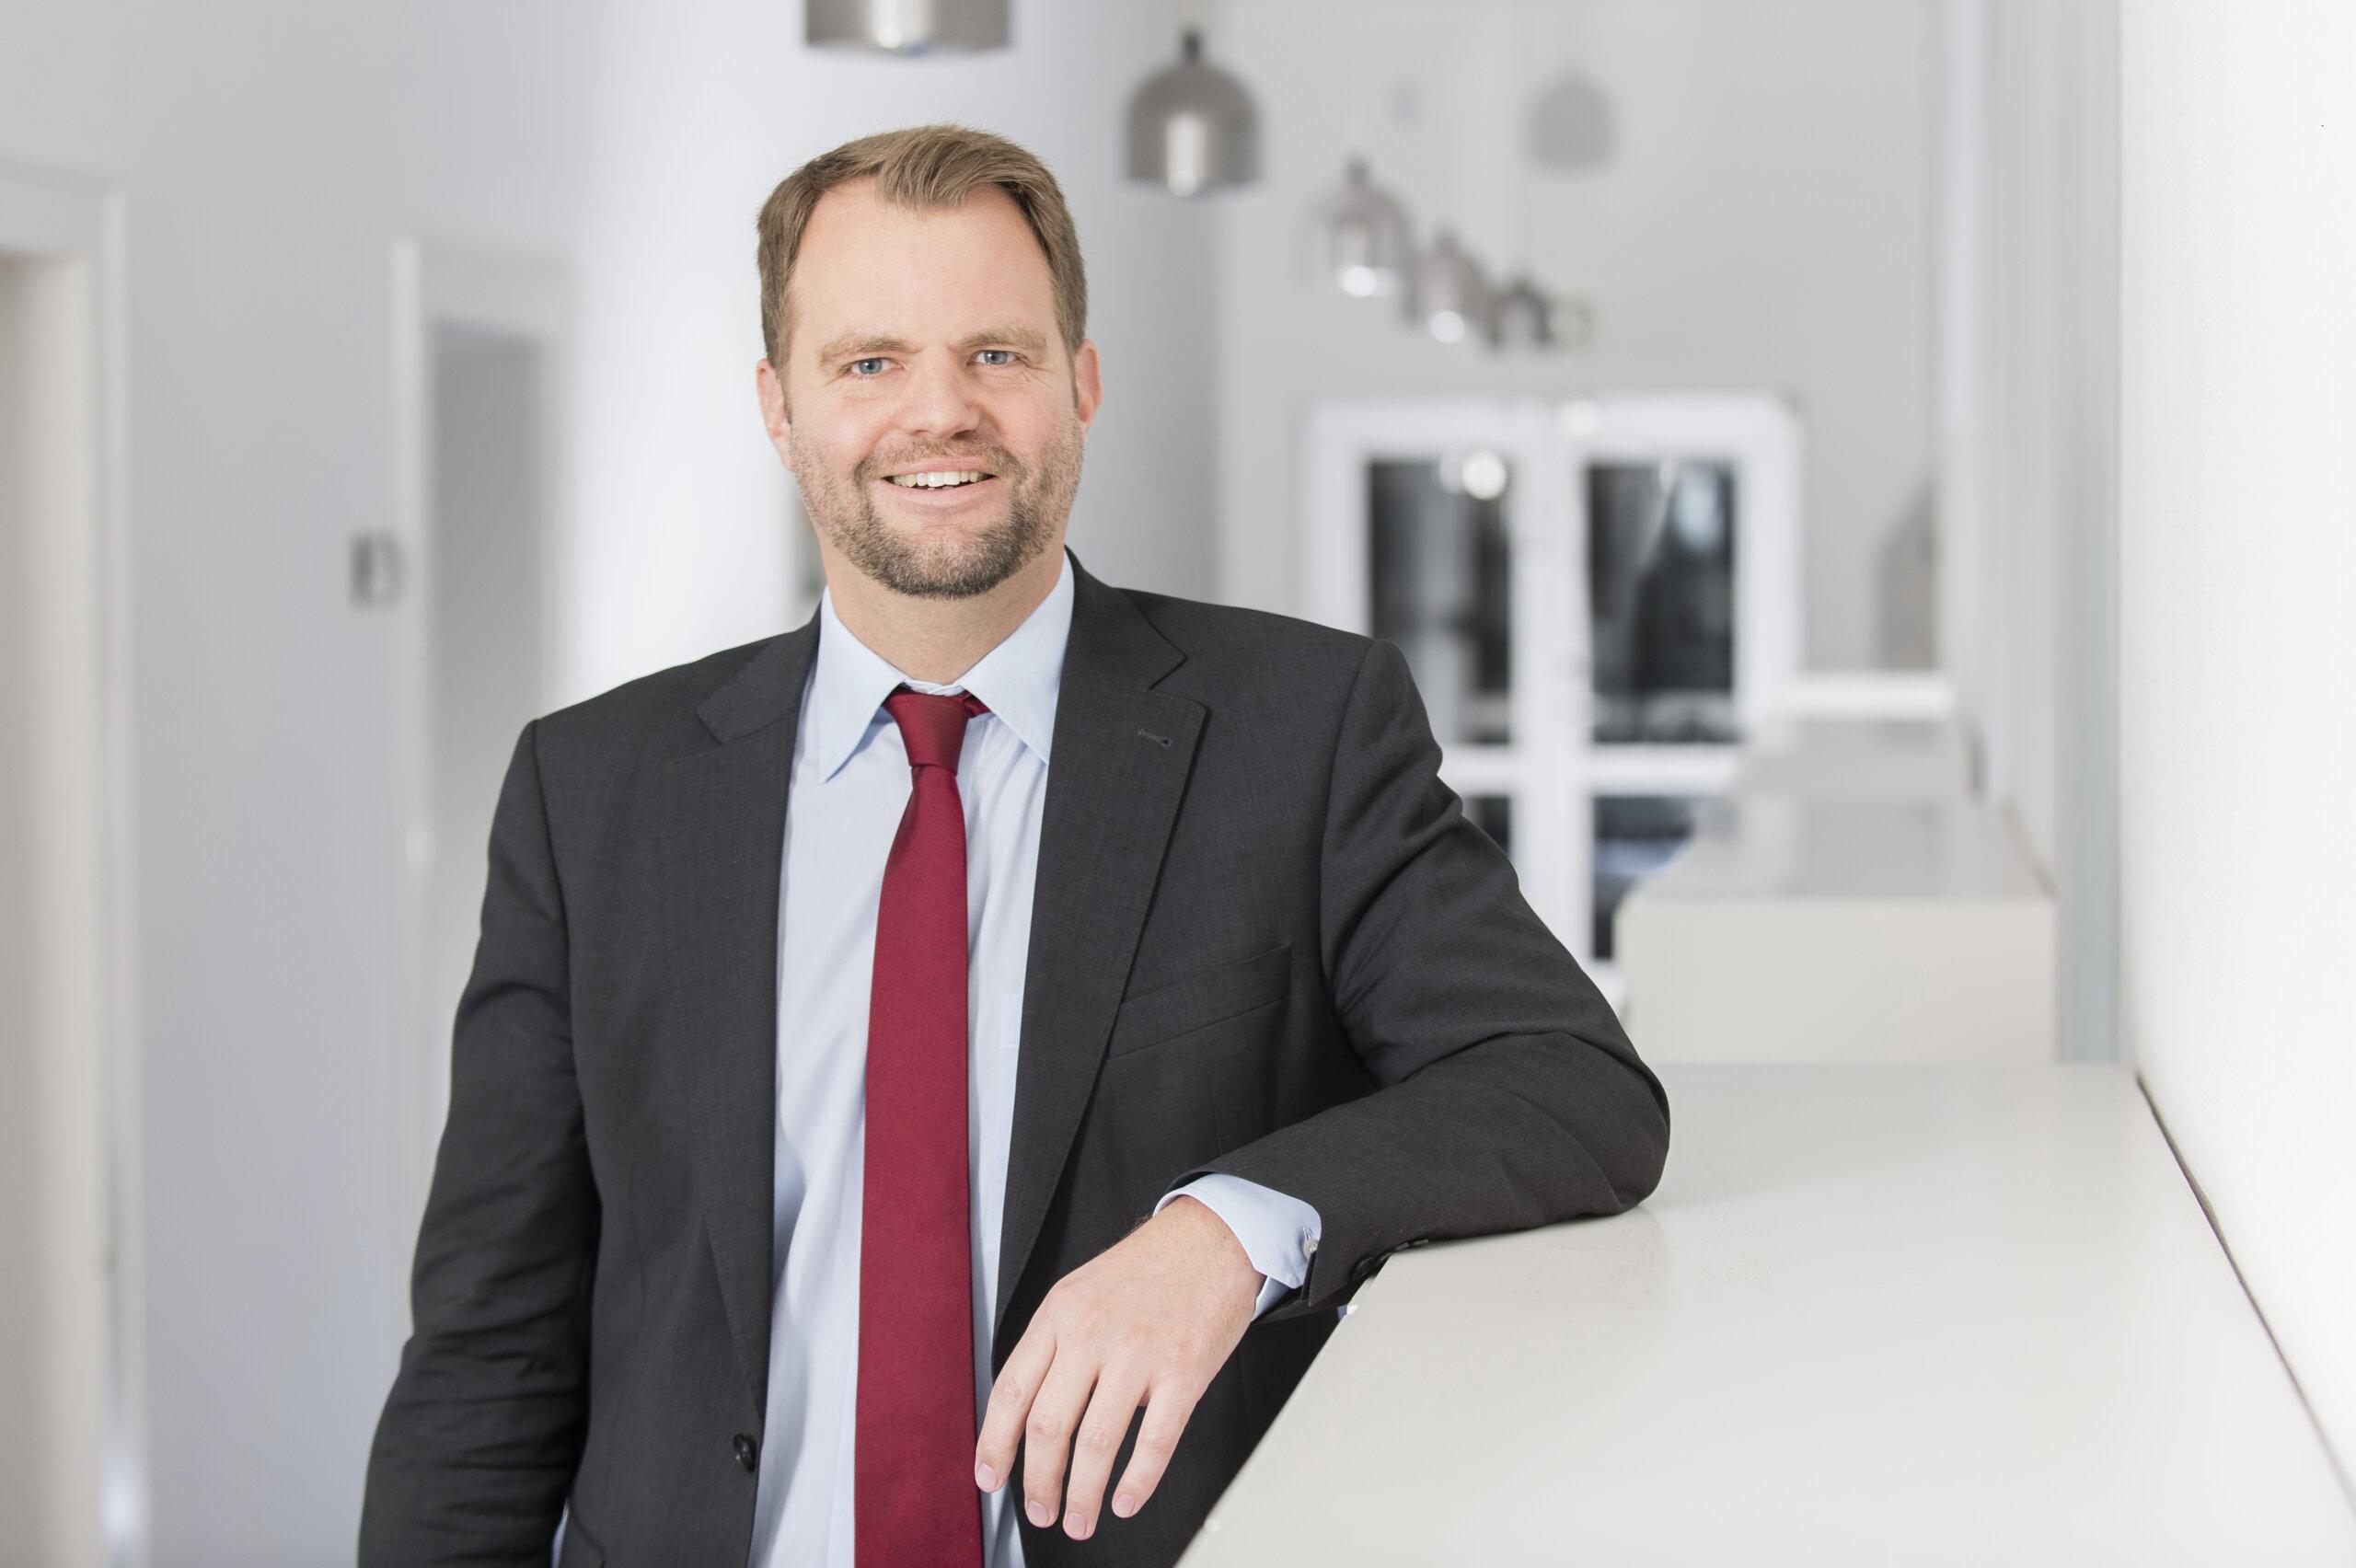 Stefan Brieske